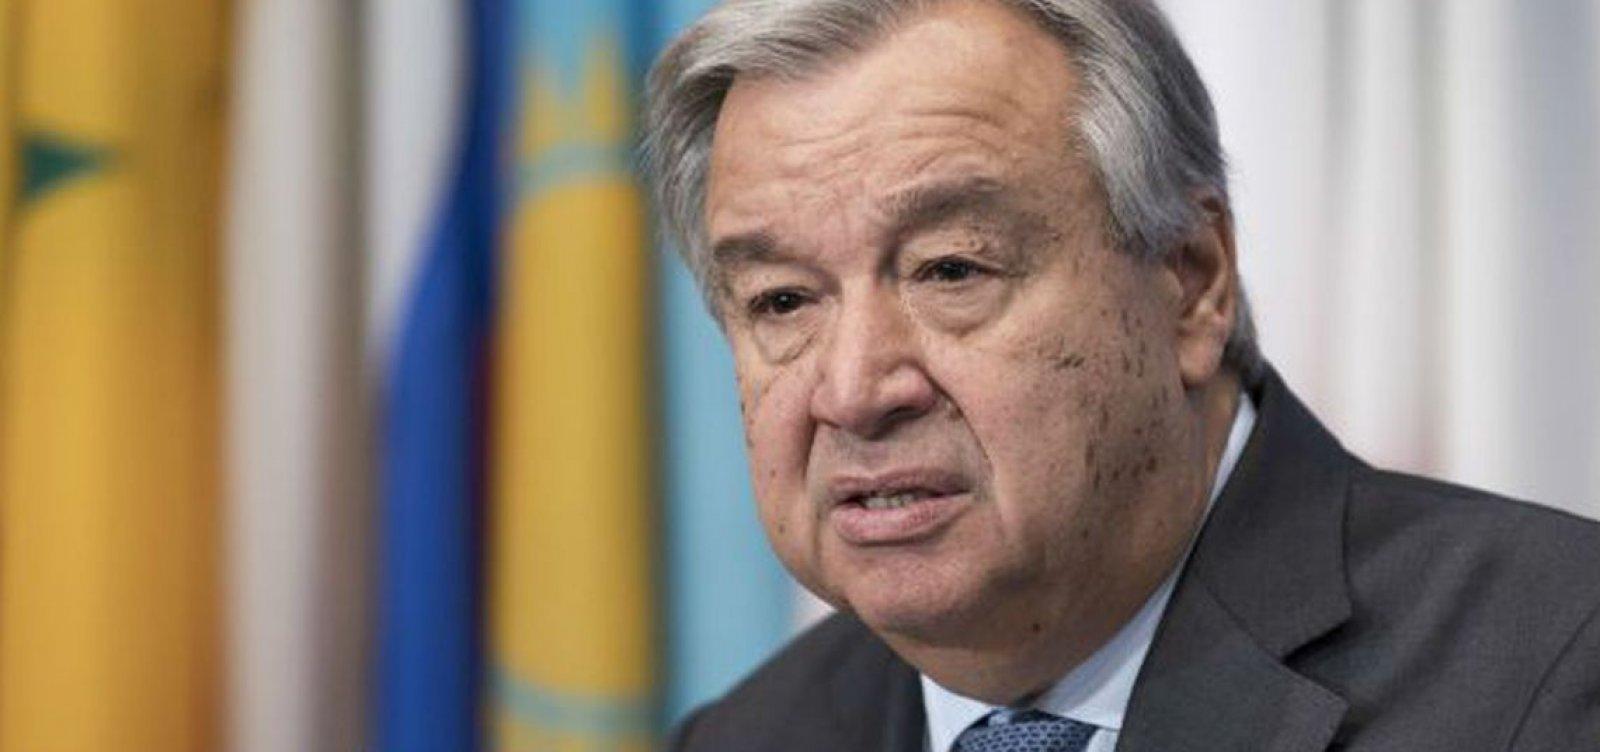 Gueterres pede mais cooperação internacional contra tráfico humano